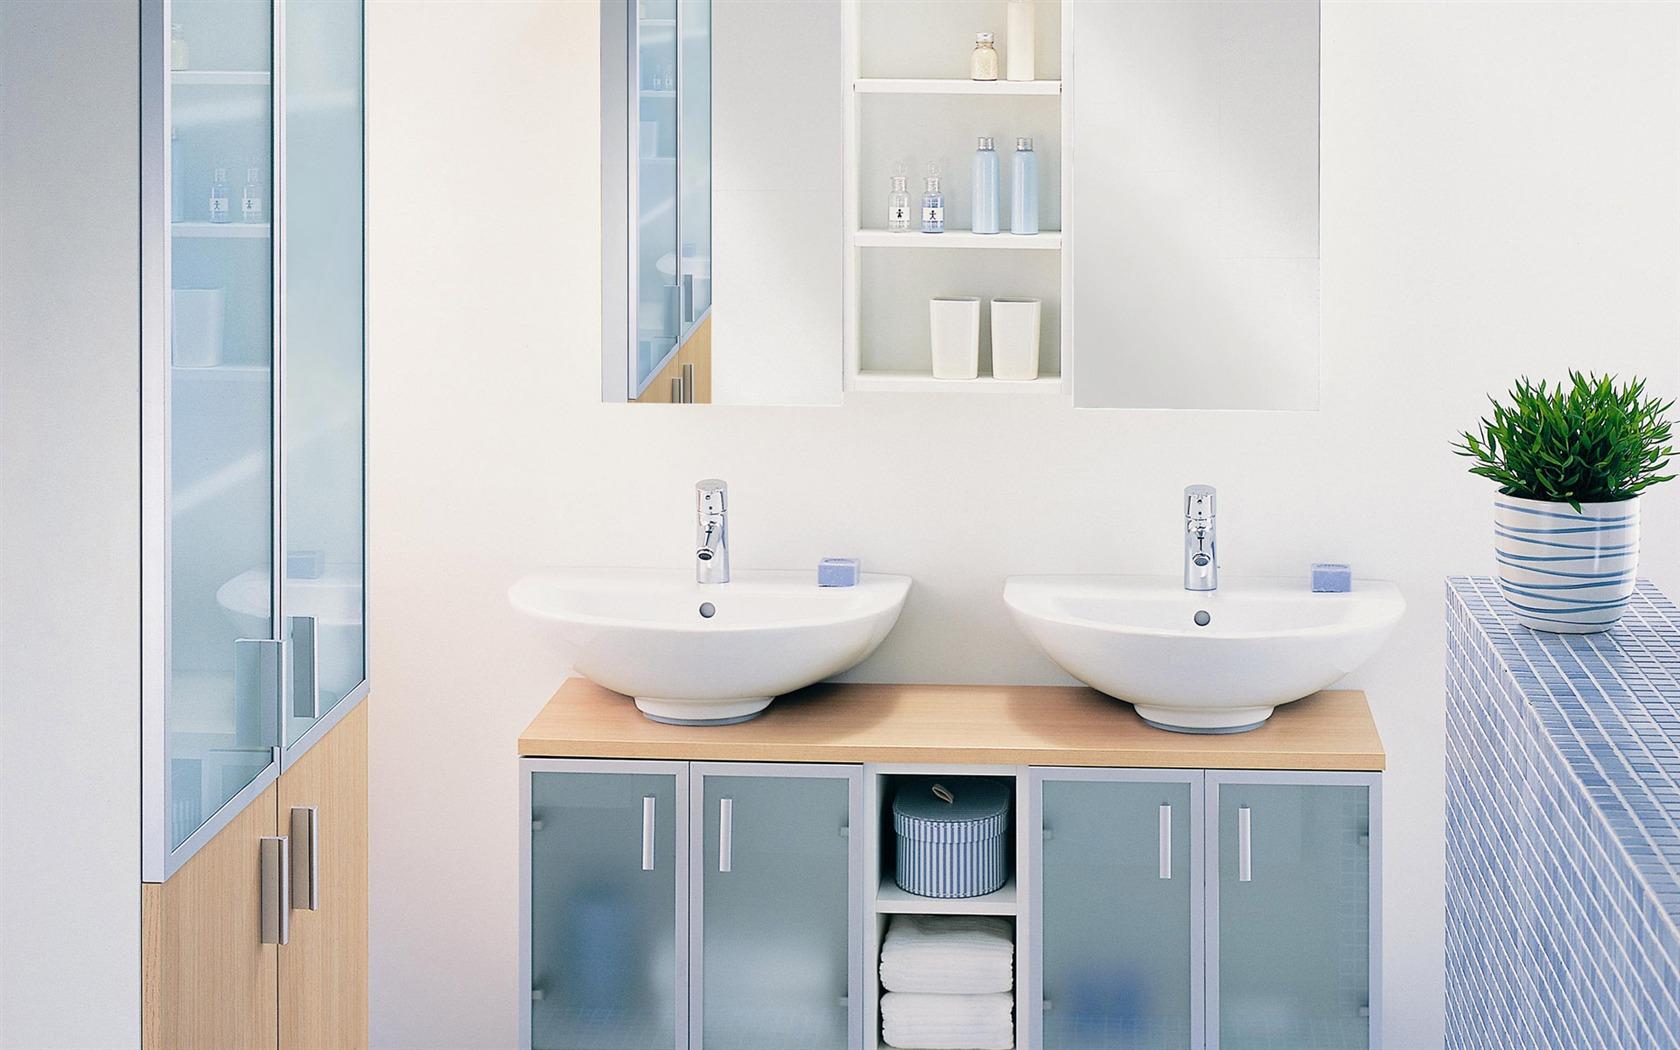 fond d 39 cran photo salle de bain 2 1 1680x1050 fond d 39 cran t l charger fond d 39 cran. Black Bedroom Furniture Sets. Home Design Ideas